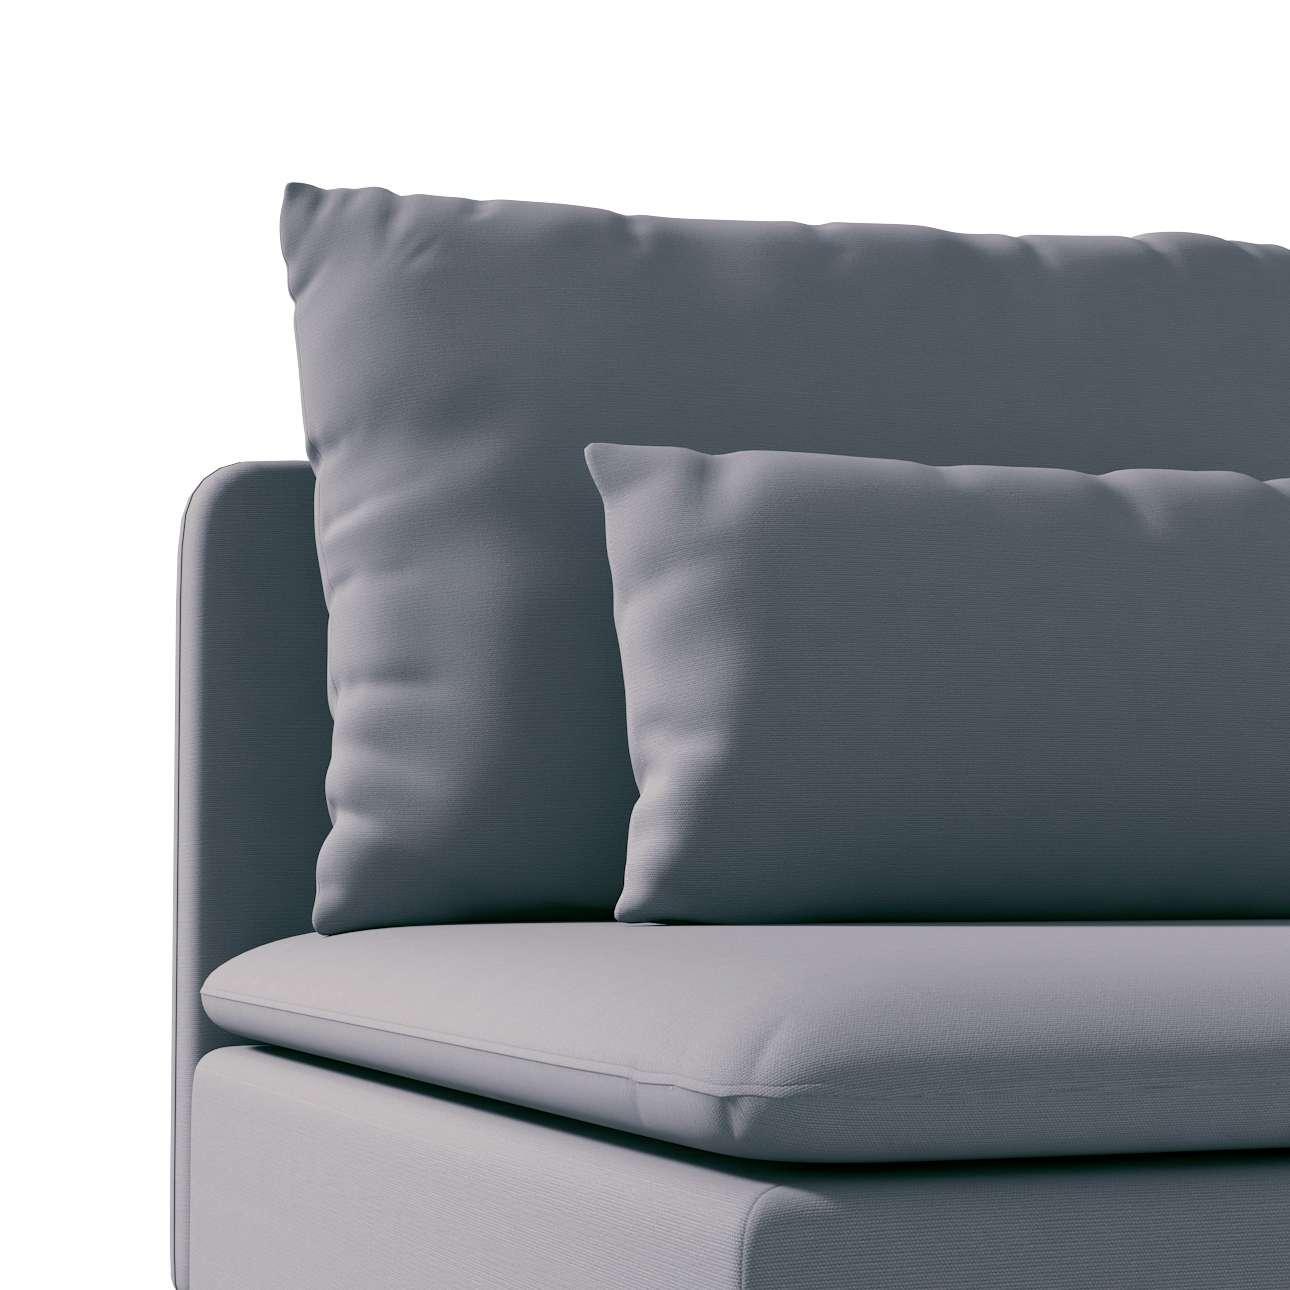 Bezug für Söderhamn Sitzelement 1 von der Kollektion Cotton Panama, Stoff: 702-07